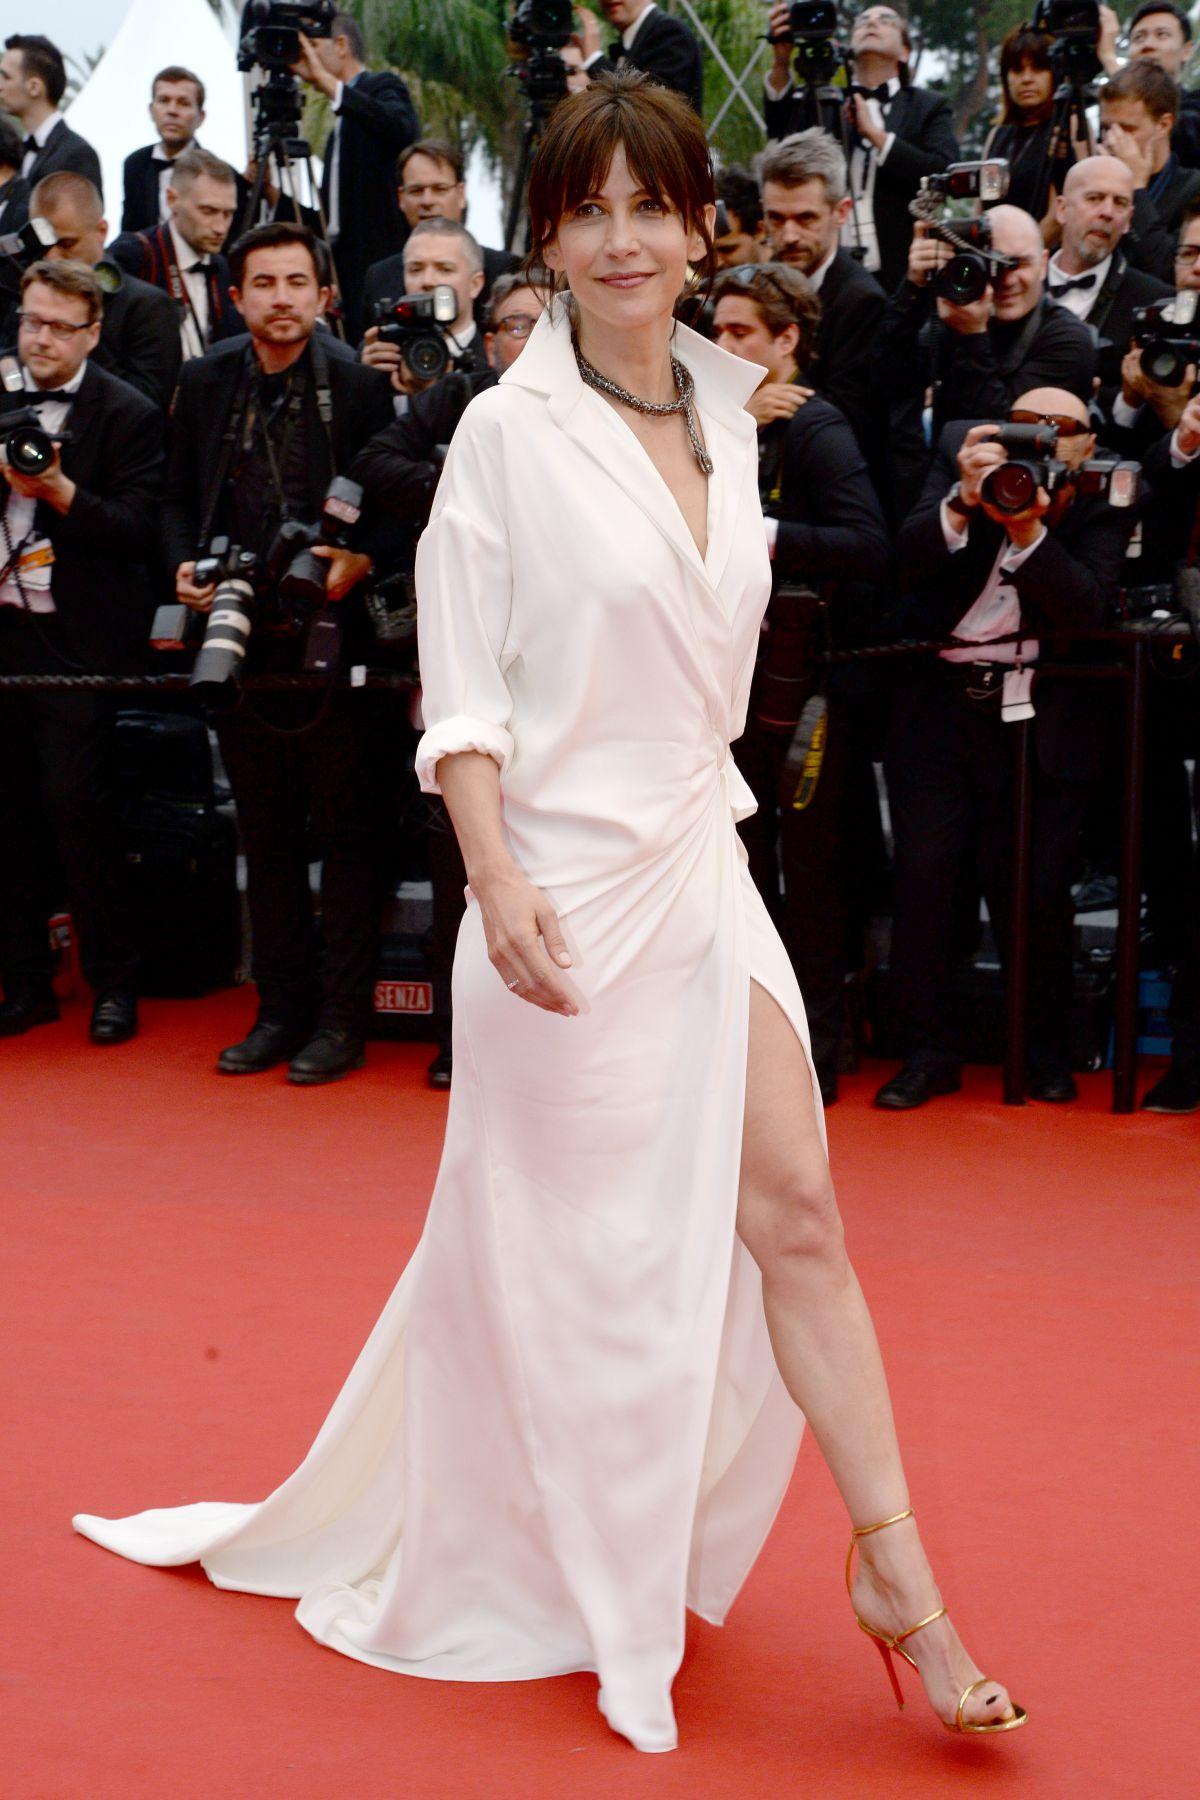 SOPHIE MARCEAU At 2015 Cannes Film Festival HawtCelebs